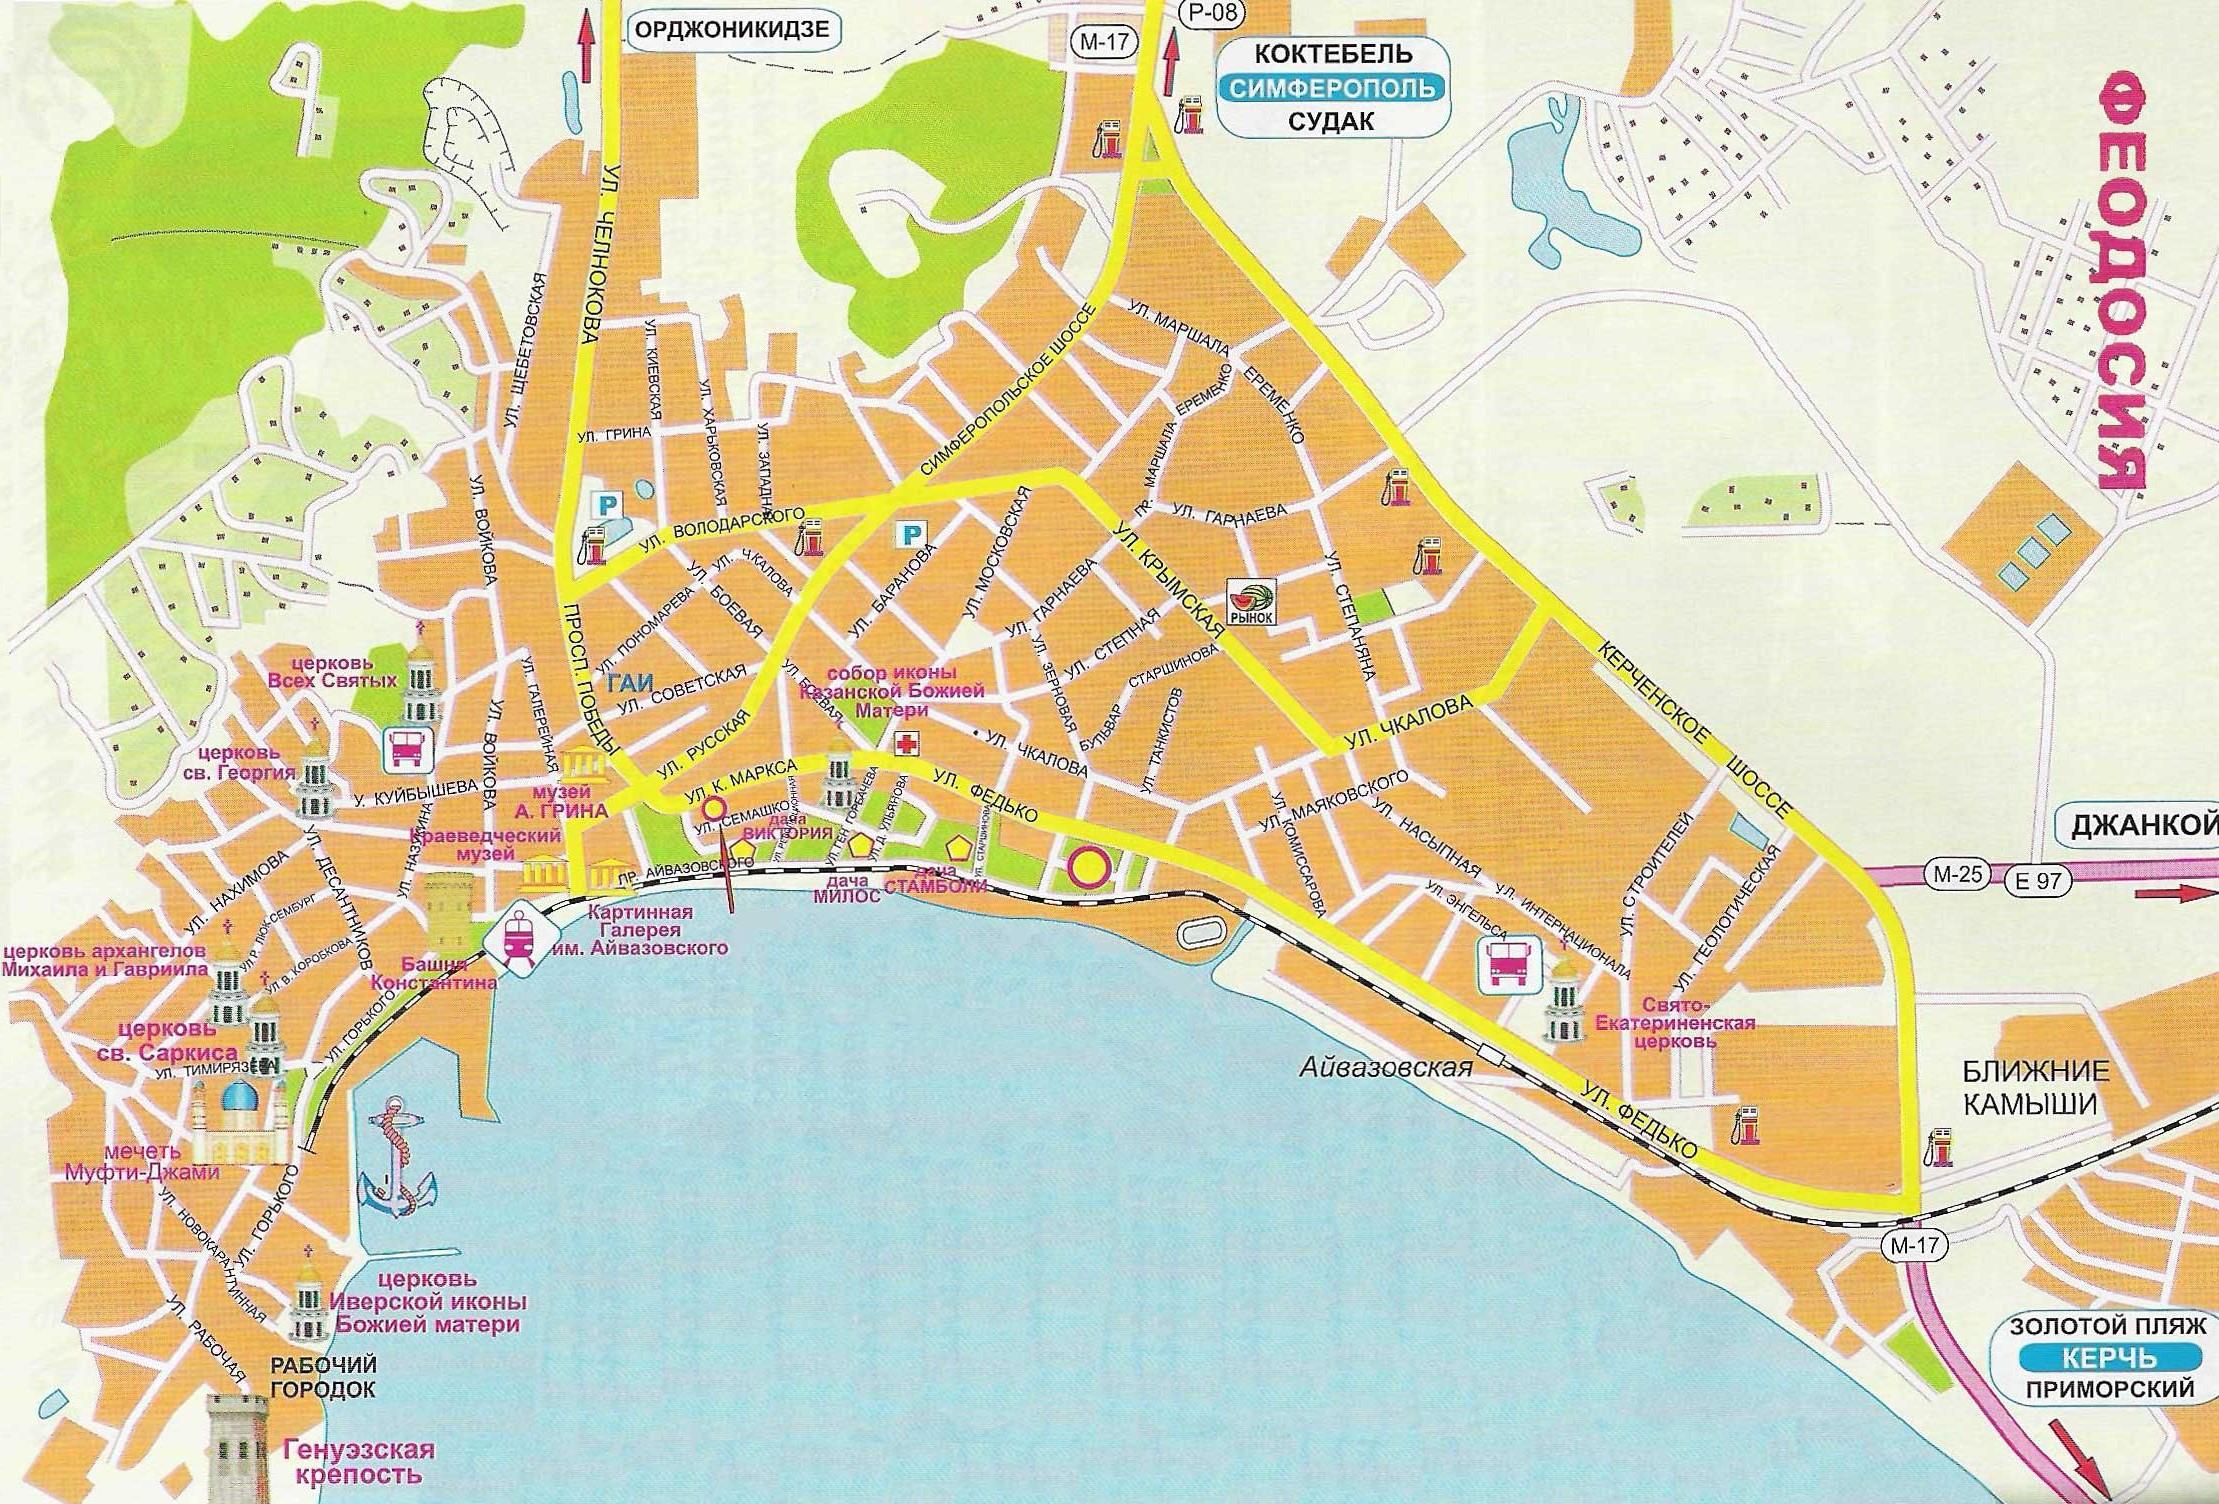 Карта достопримечательностей Феодосии